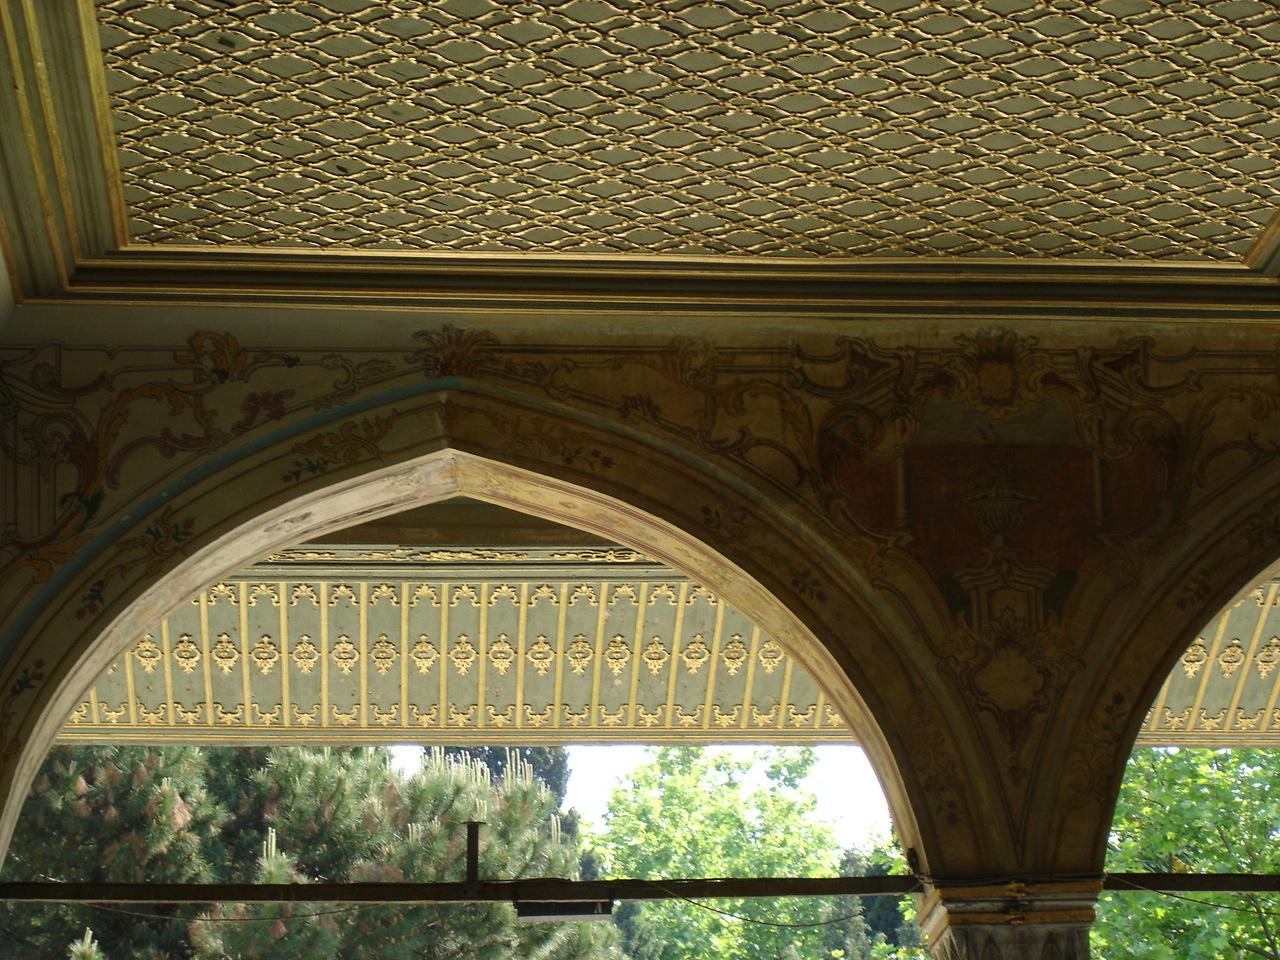 Il Divano Di Istanbul.File 4348 Istanbul Topkapi Divano Foto G Dall Orto 27 5 2006